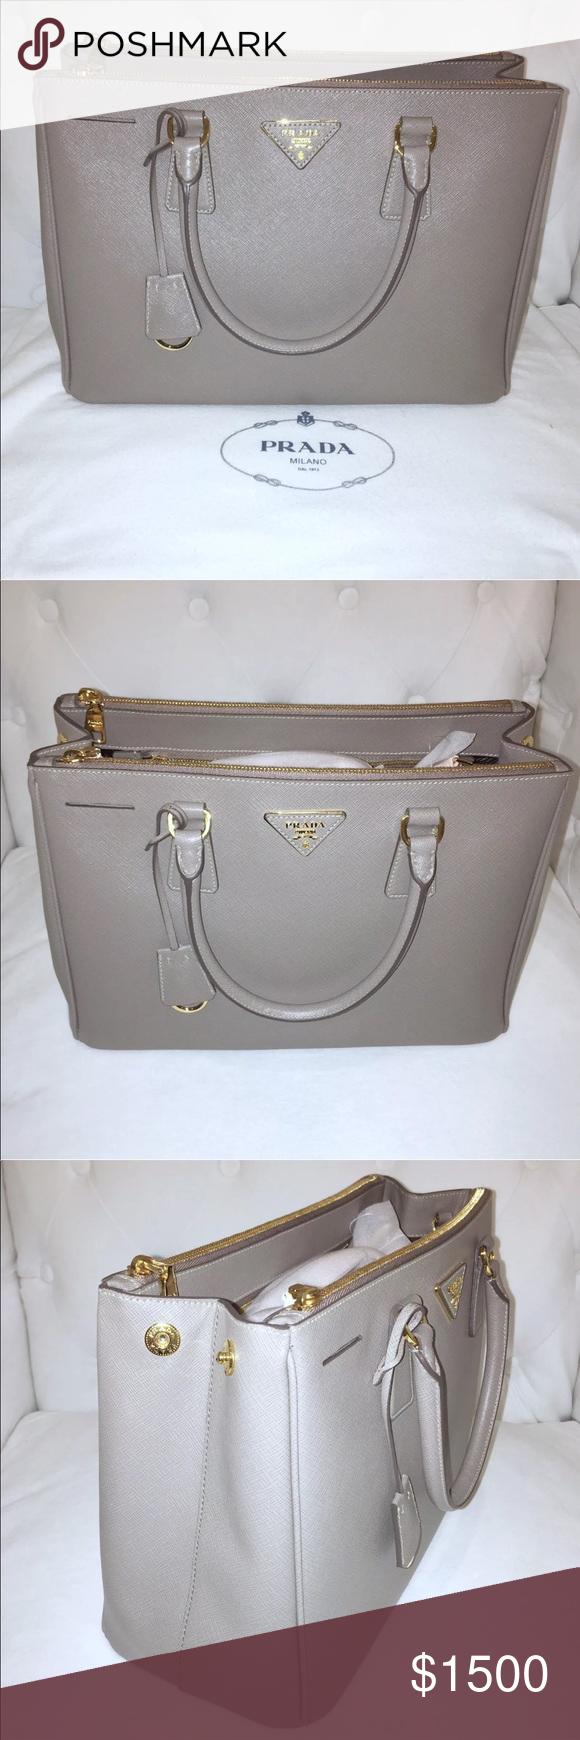 2a6a2cfee9 Prada Saffiano medium Grey Taupe Handbag Brand New never used Prada  Saffiano Medium Grey